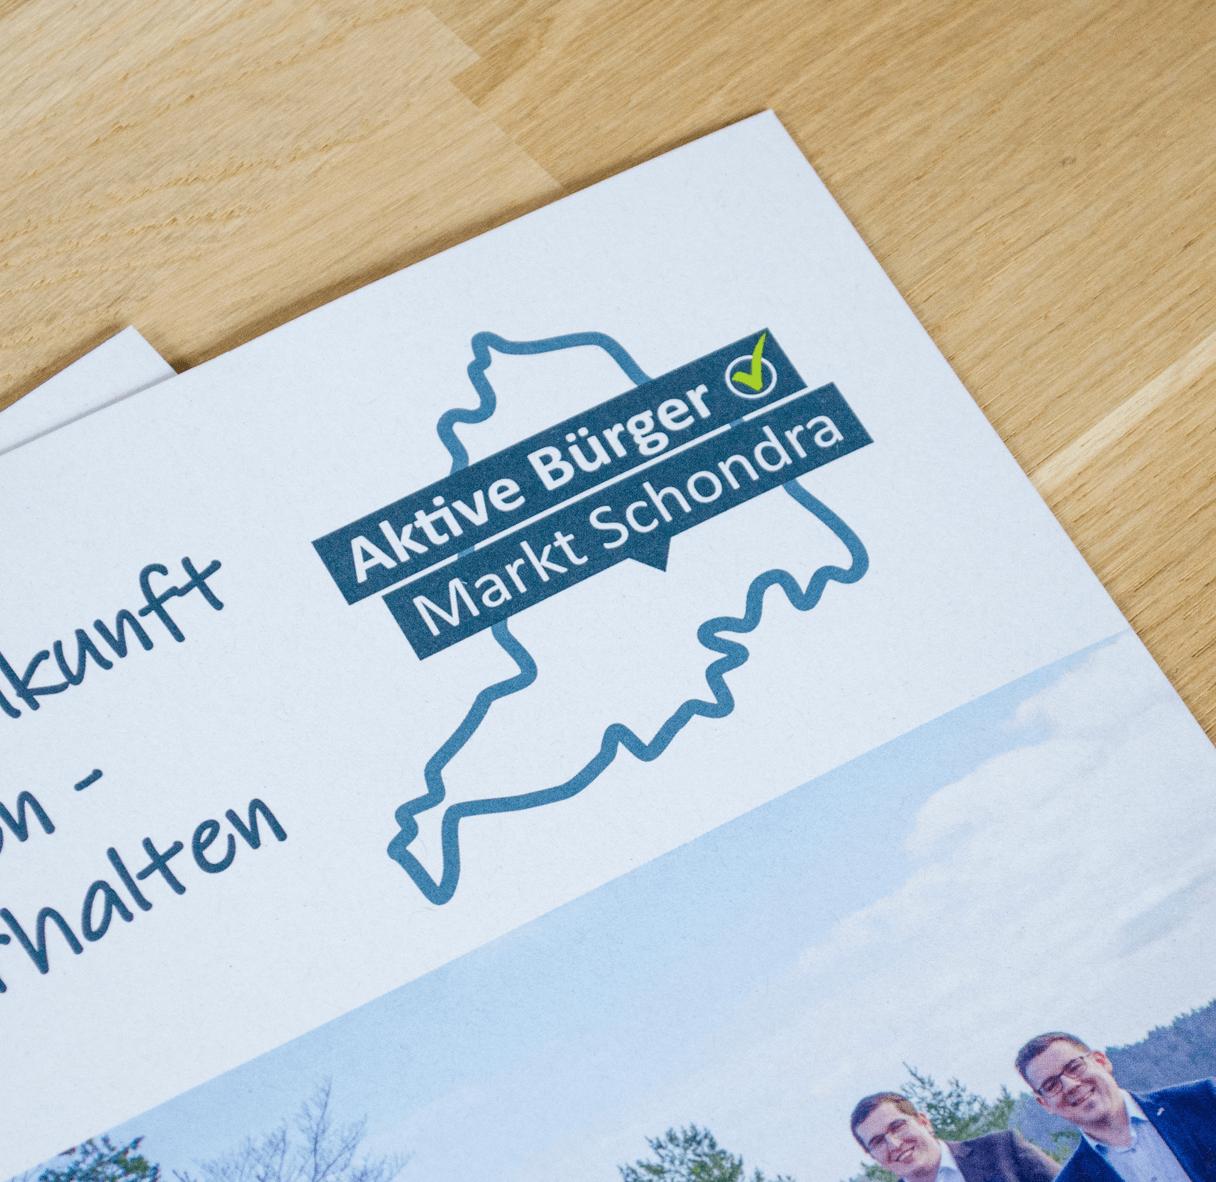 Faltblatt Aktive Bürger Markt Schondra